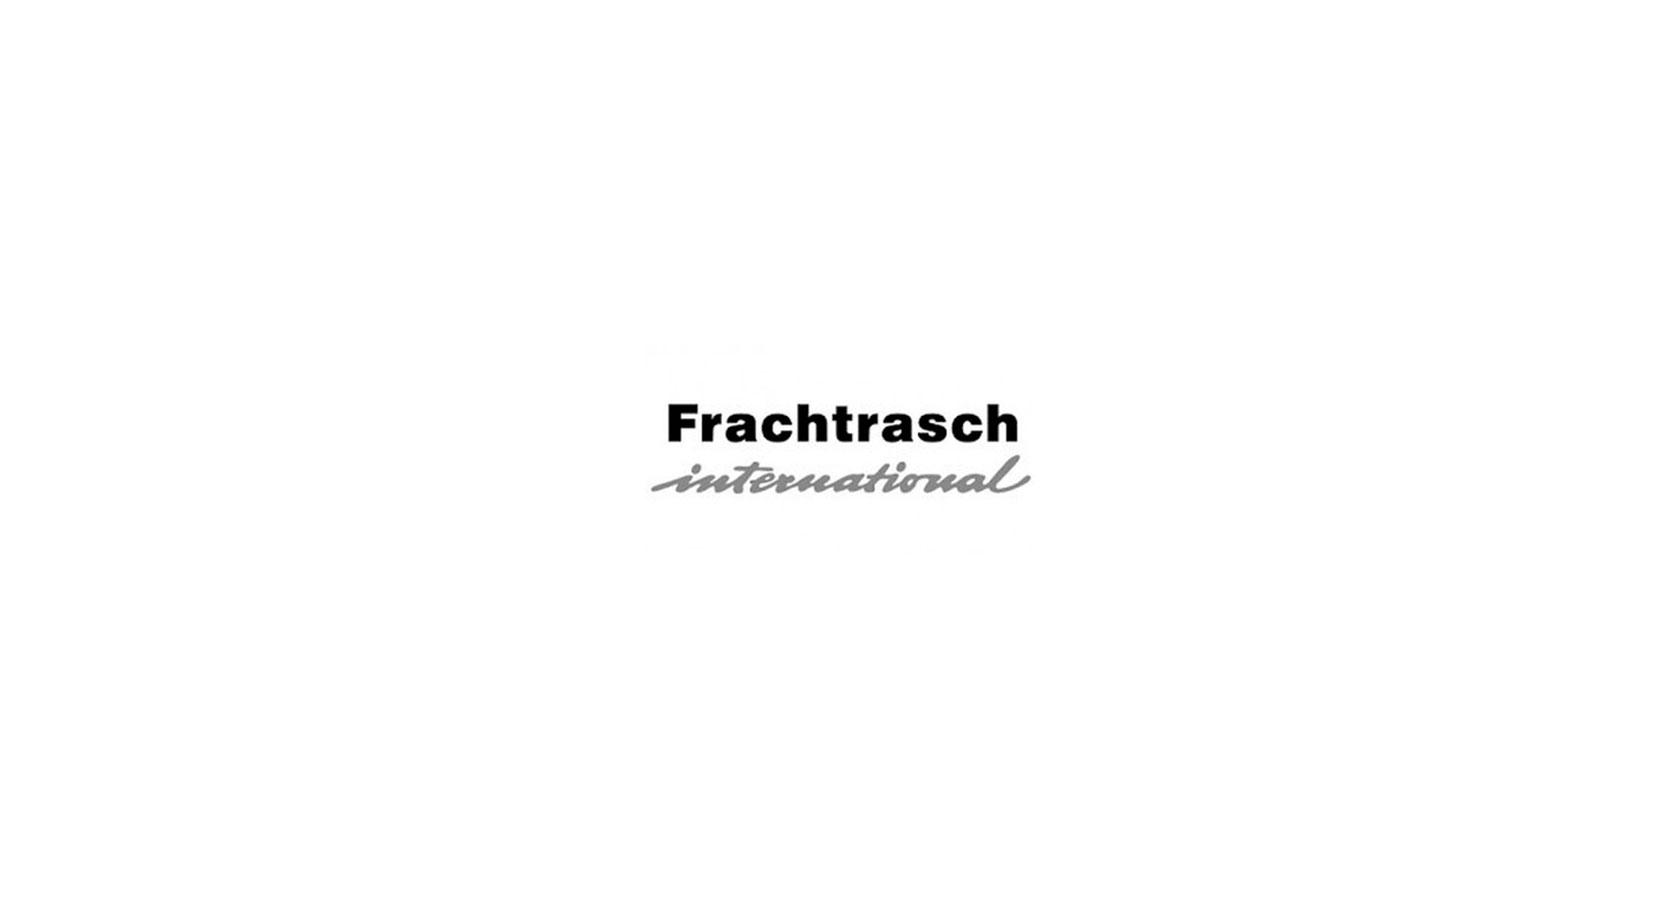 Logo von Frachtrasch International